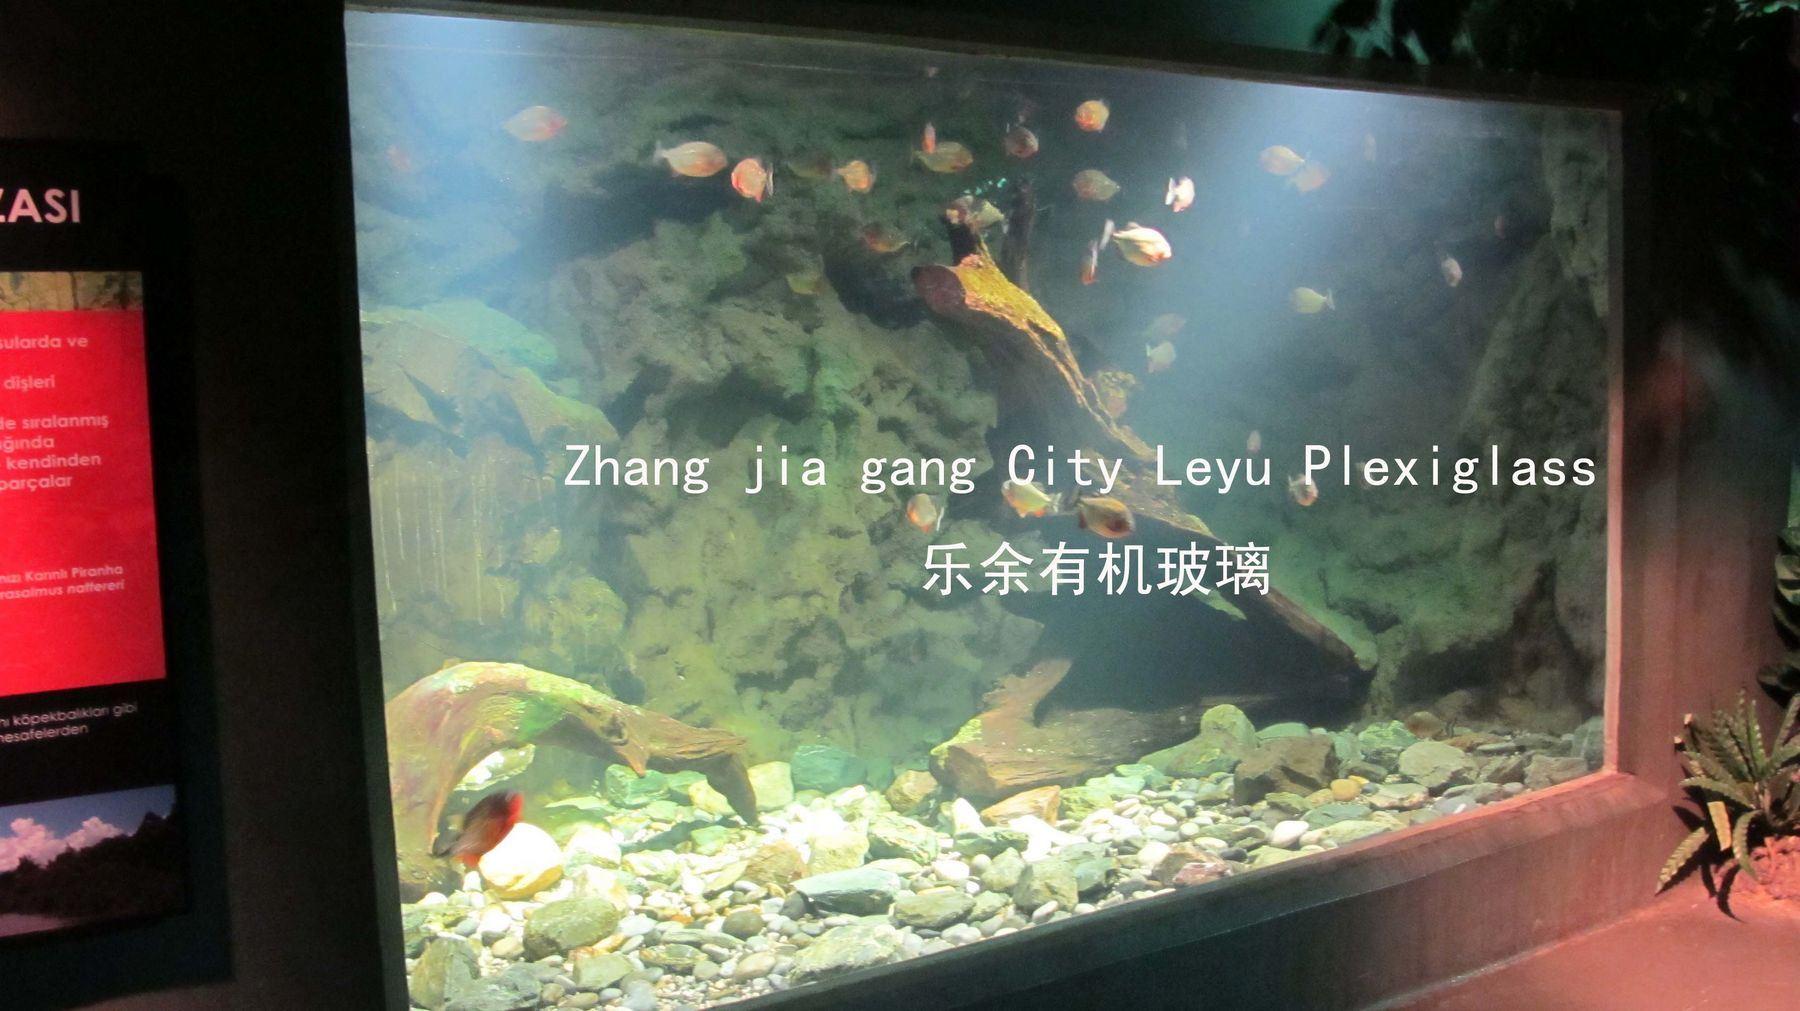 China Custom Giant Acrylic Fish Tank 9 China Acrylic